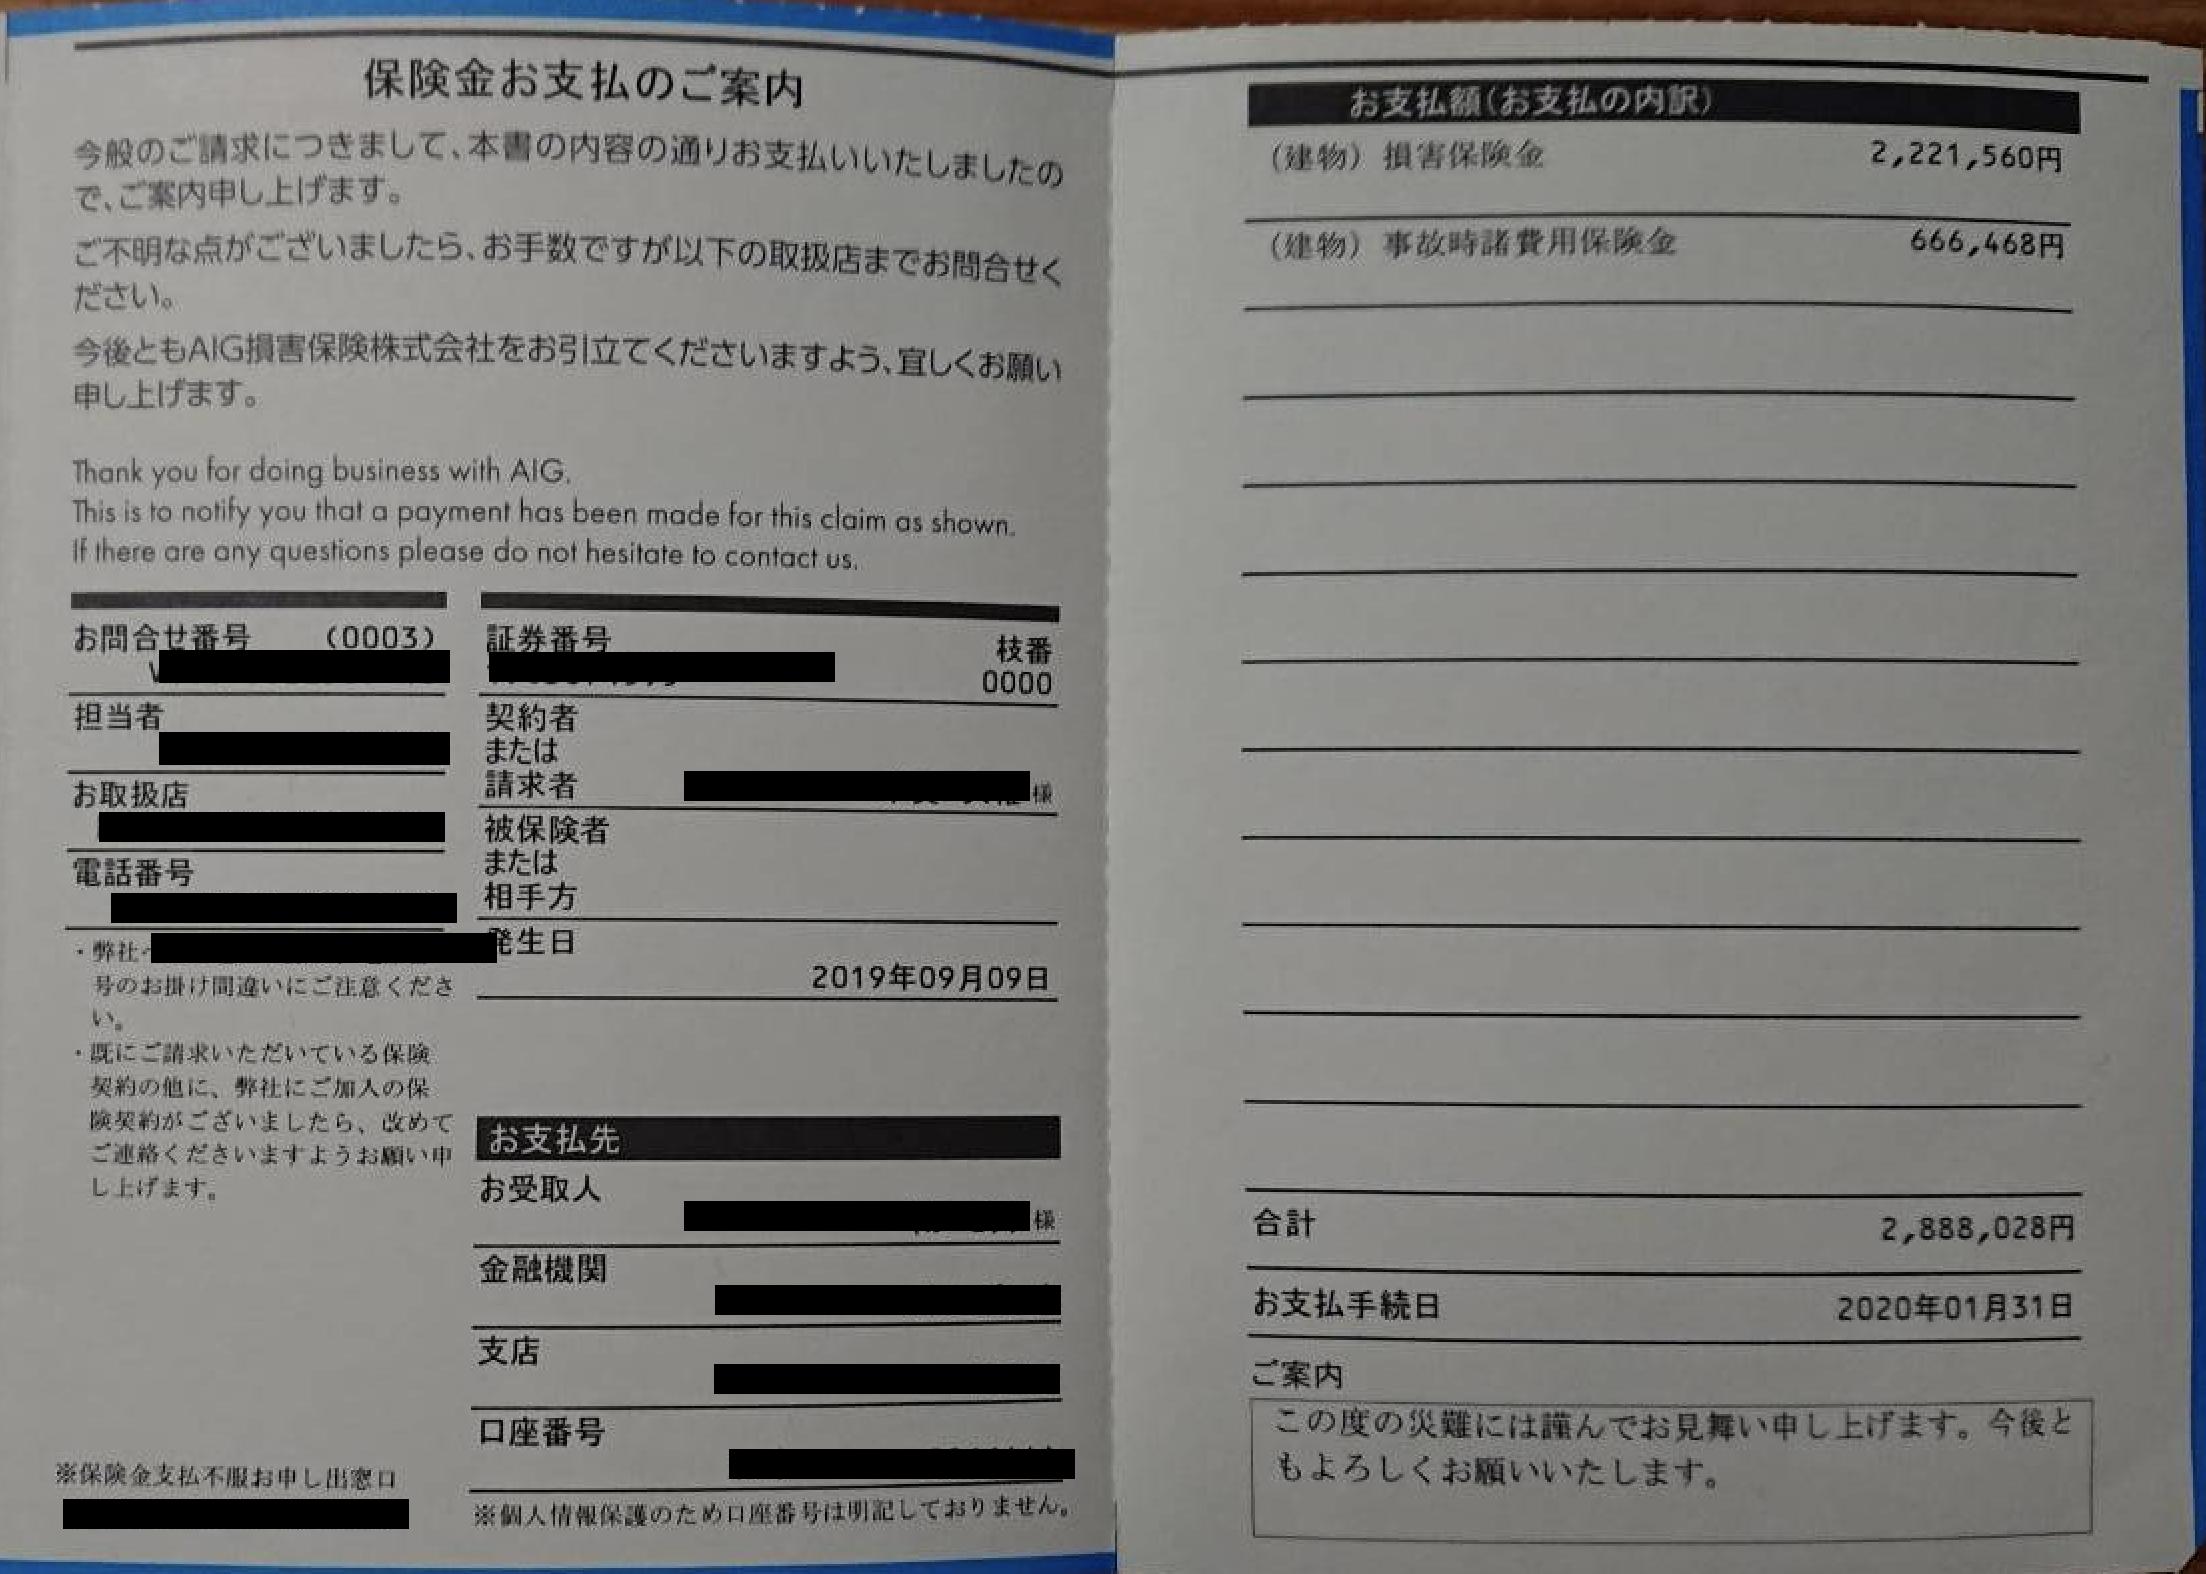 風災申請で8,493,808円認定。AIG、東京海上。